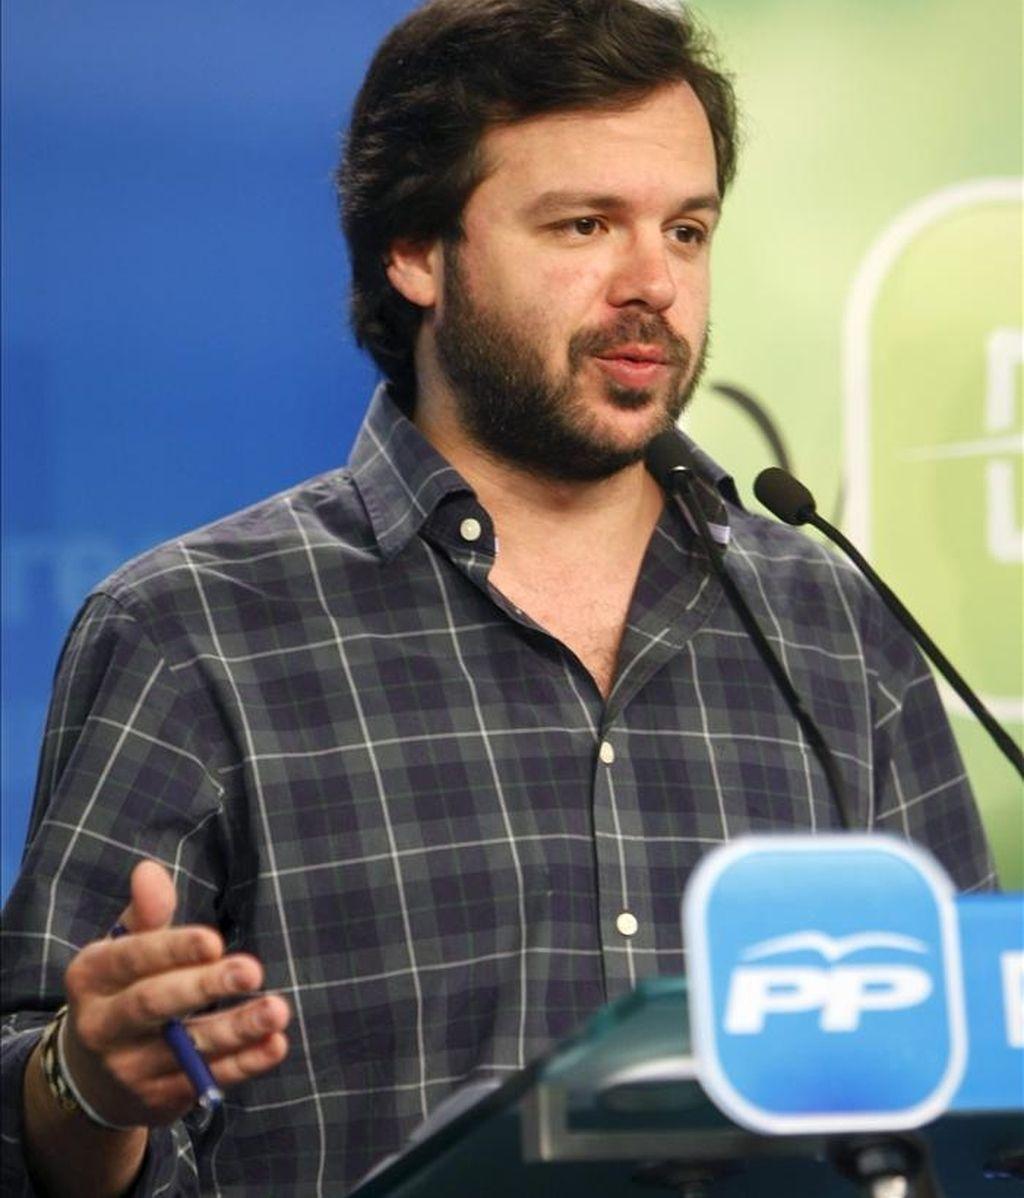 El actual presidente de Nuevas Generaciones, Nacho Uriarte. EFE/Archivo